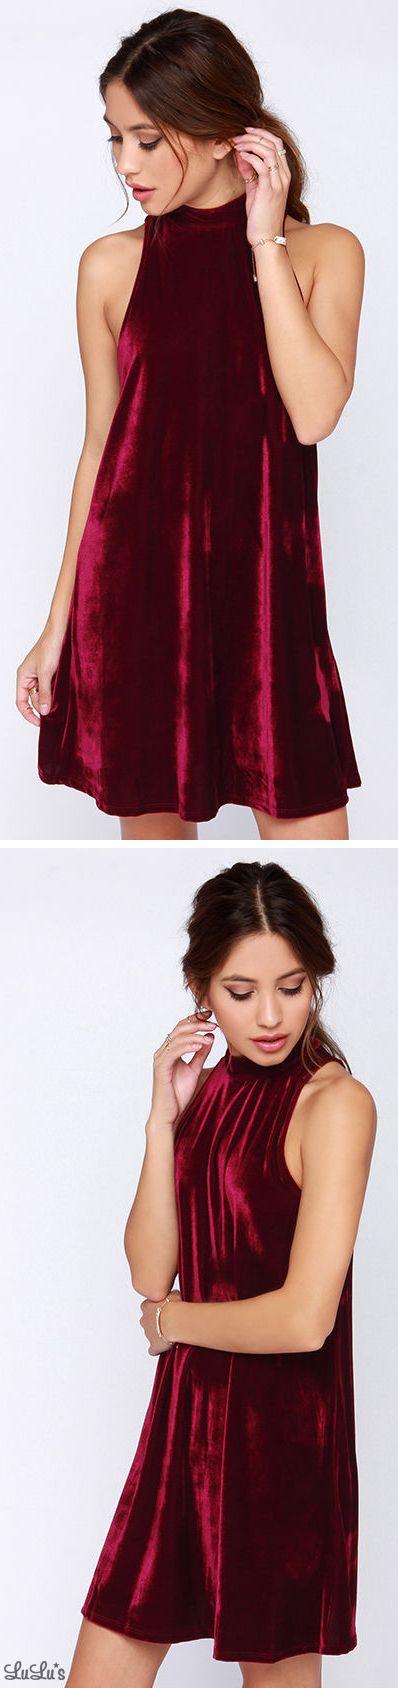 Plush One Burgundy Velvet Halter Dress: